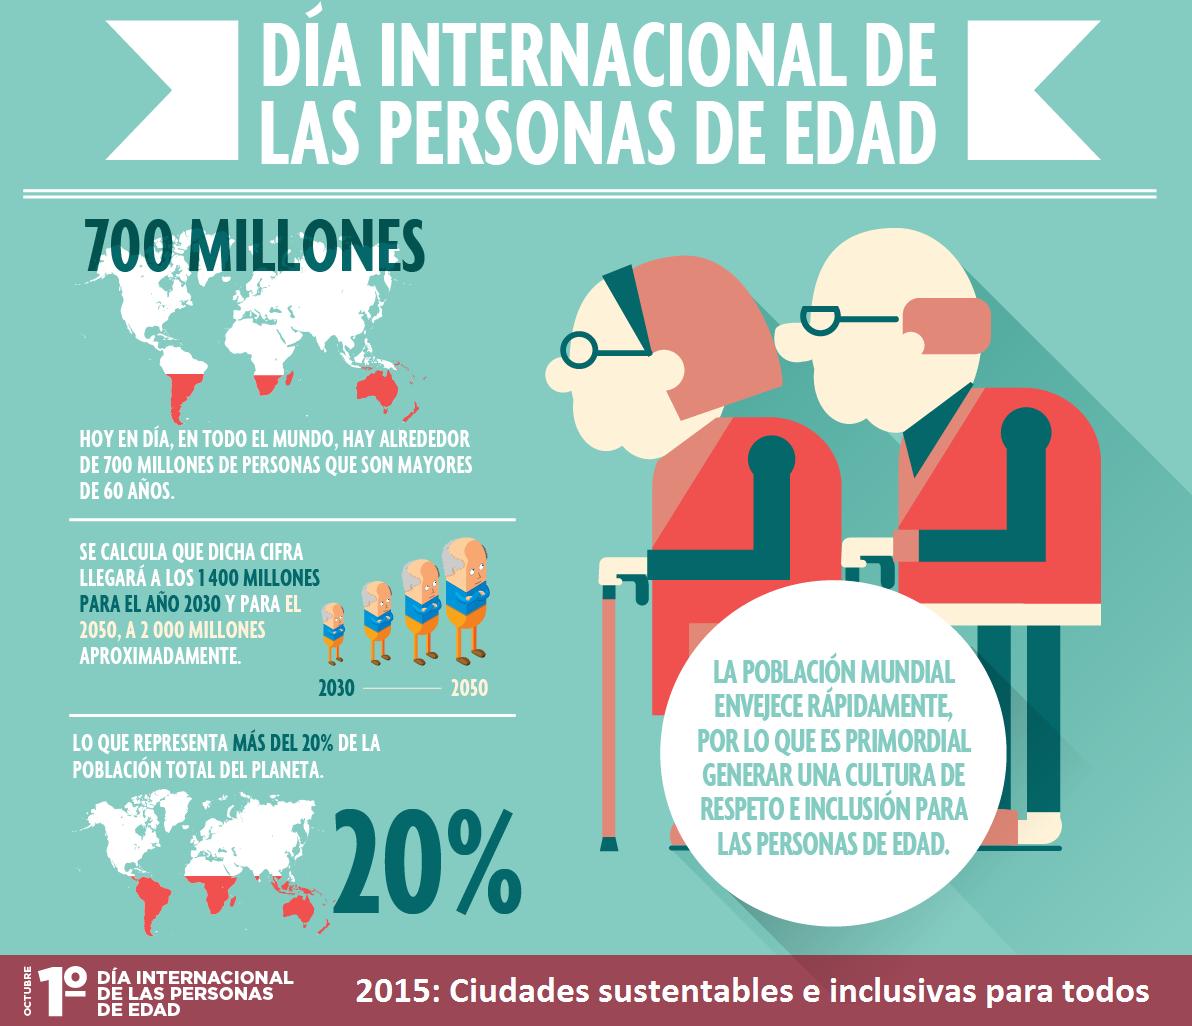 Dia Internacional De Las Personas De Edad 2015 Sostenibilidad E Inclusion Al Entorno Urbano Comision Nacional De Arbitraje Medico Gobierno Gob Mx